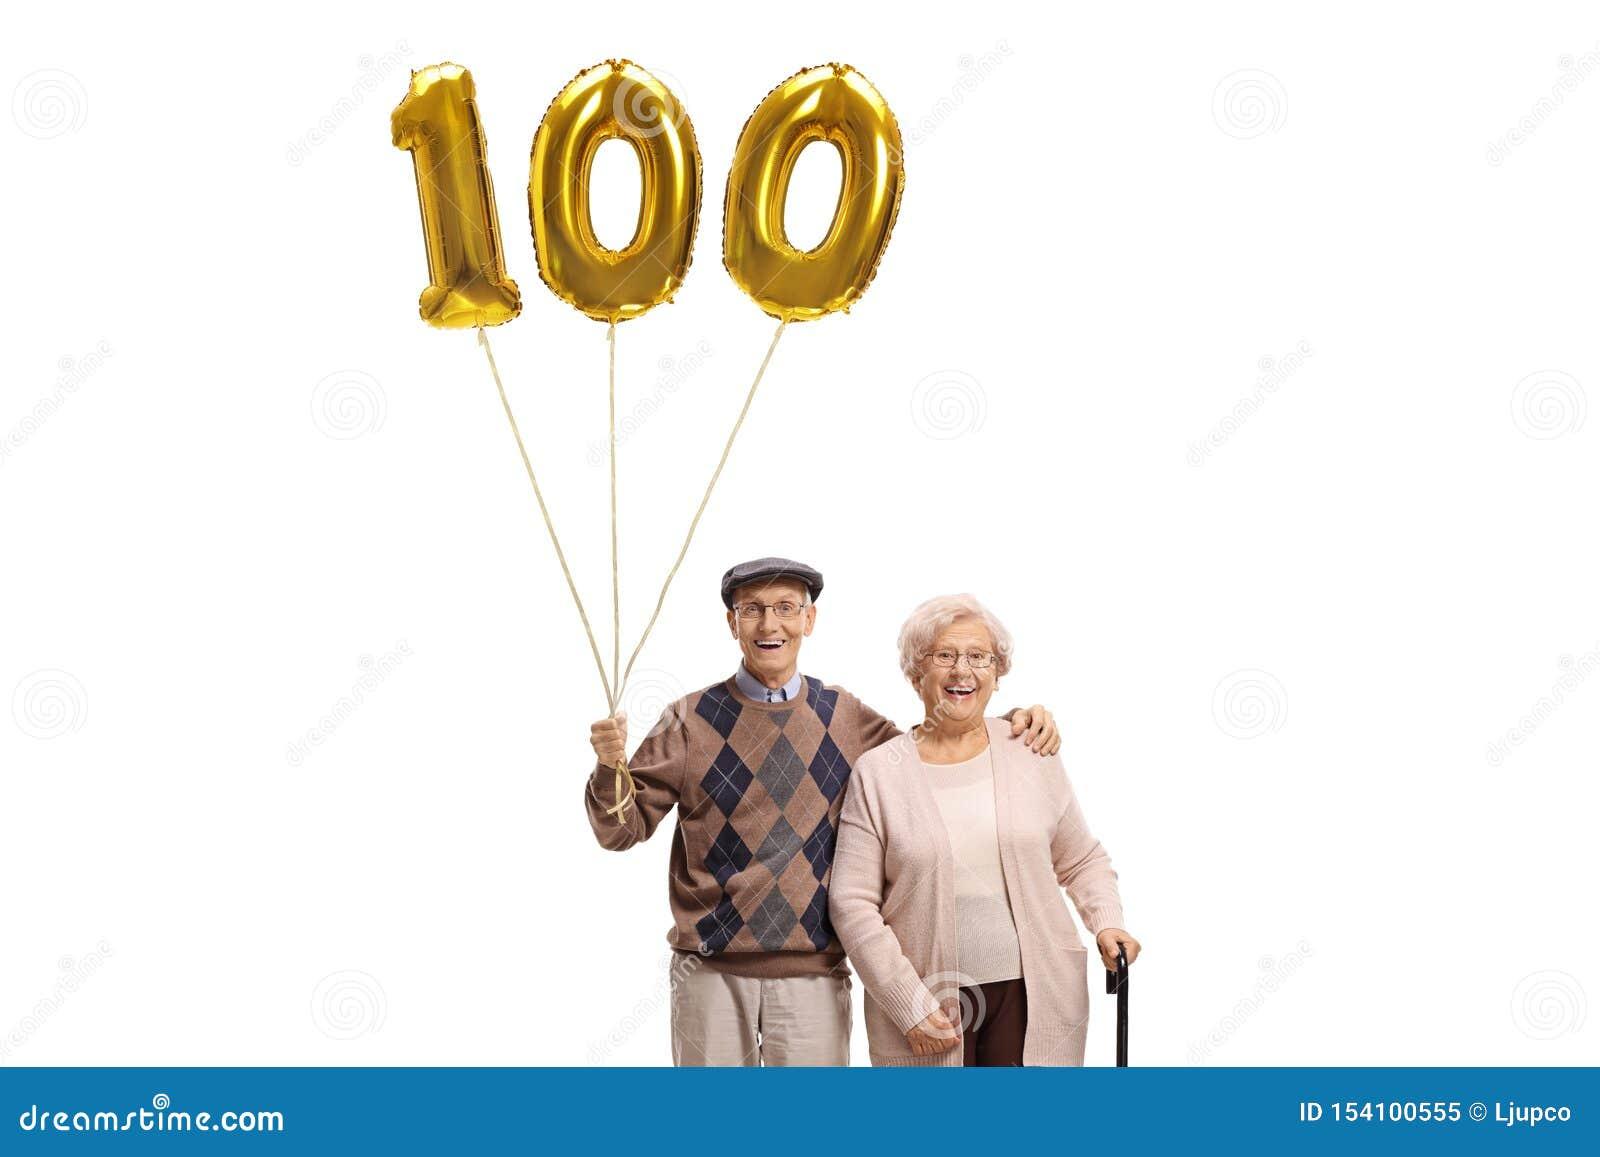 Uomo senior e donna con un pallone dorato di numero cento